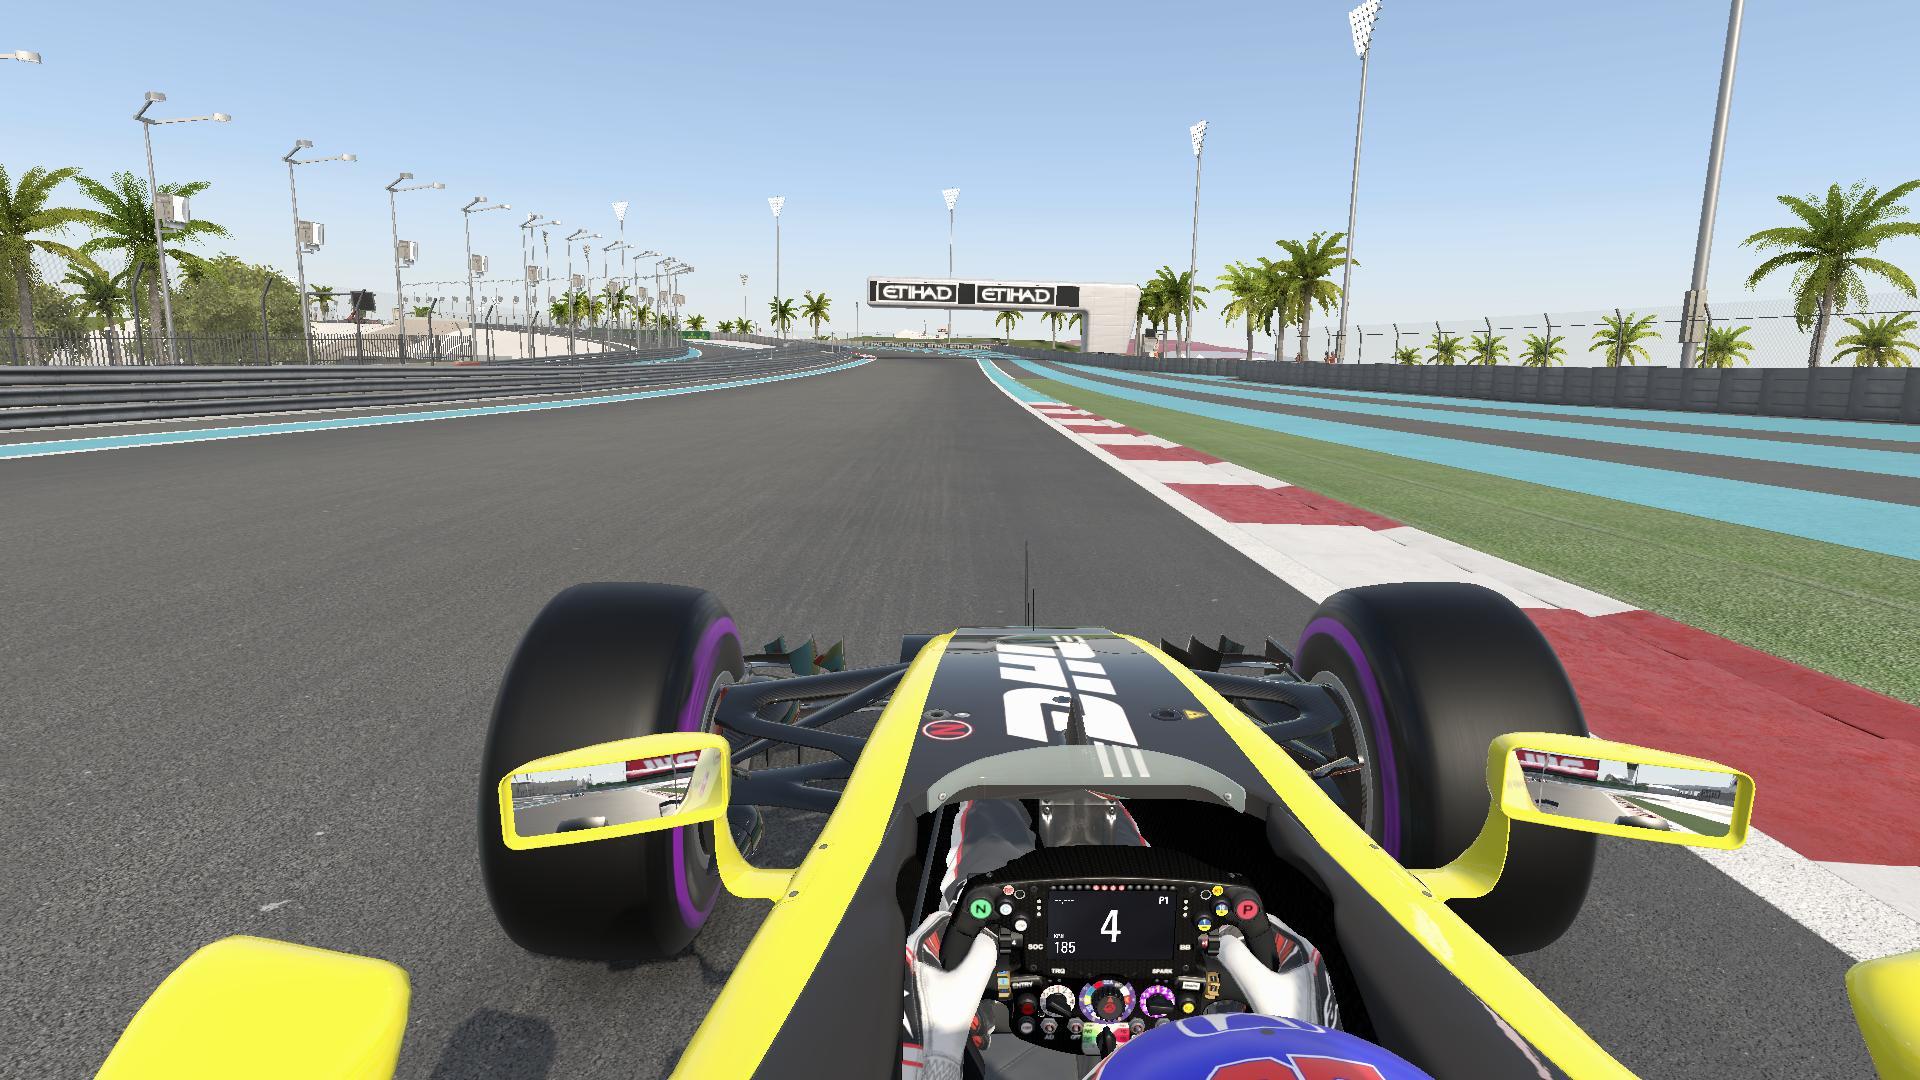 F1_2016 2016-10-05 12-14-54-07.jpg